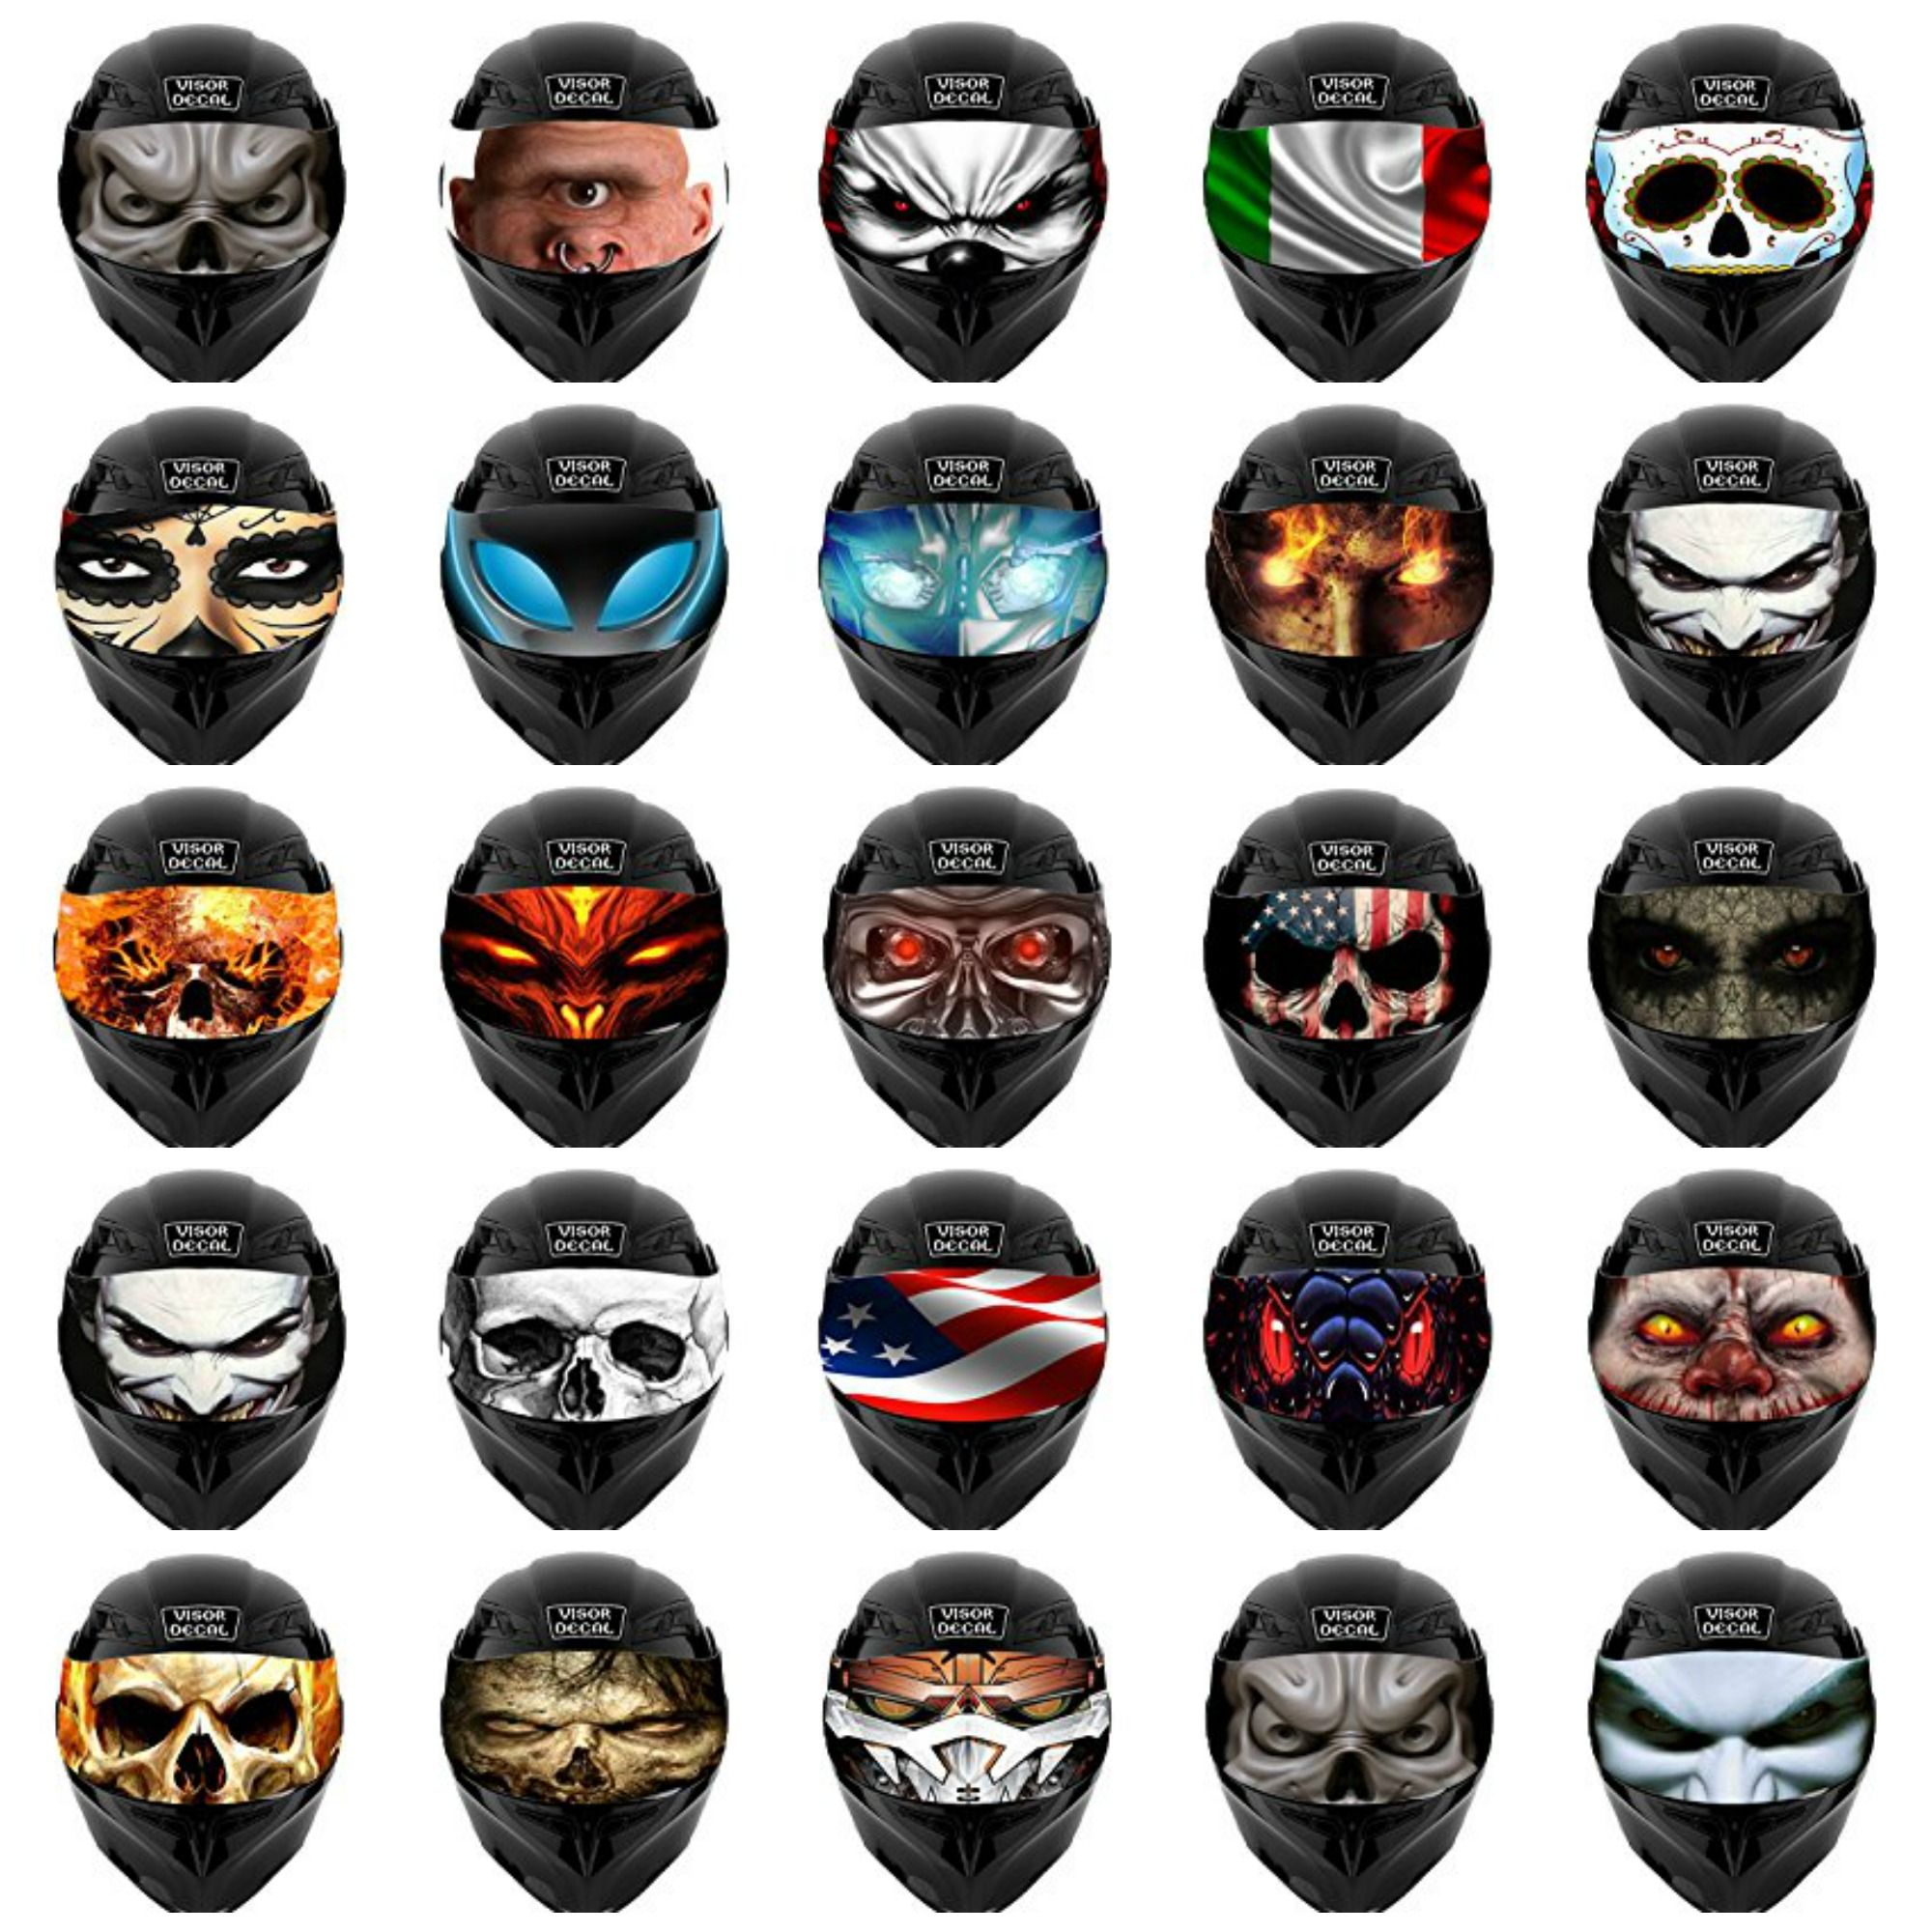 Motorcycle Helmet Visor Decals Motorcycle Helmet Visor Helmet - Custom motorcycle helmet stickers and decalssimpson motorcycle helmets